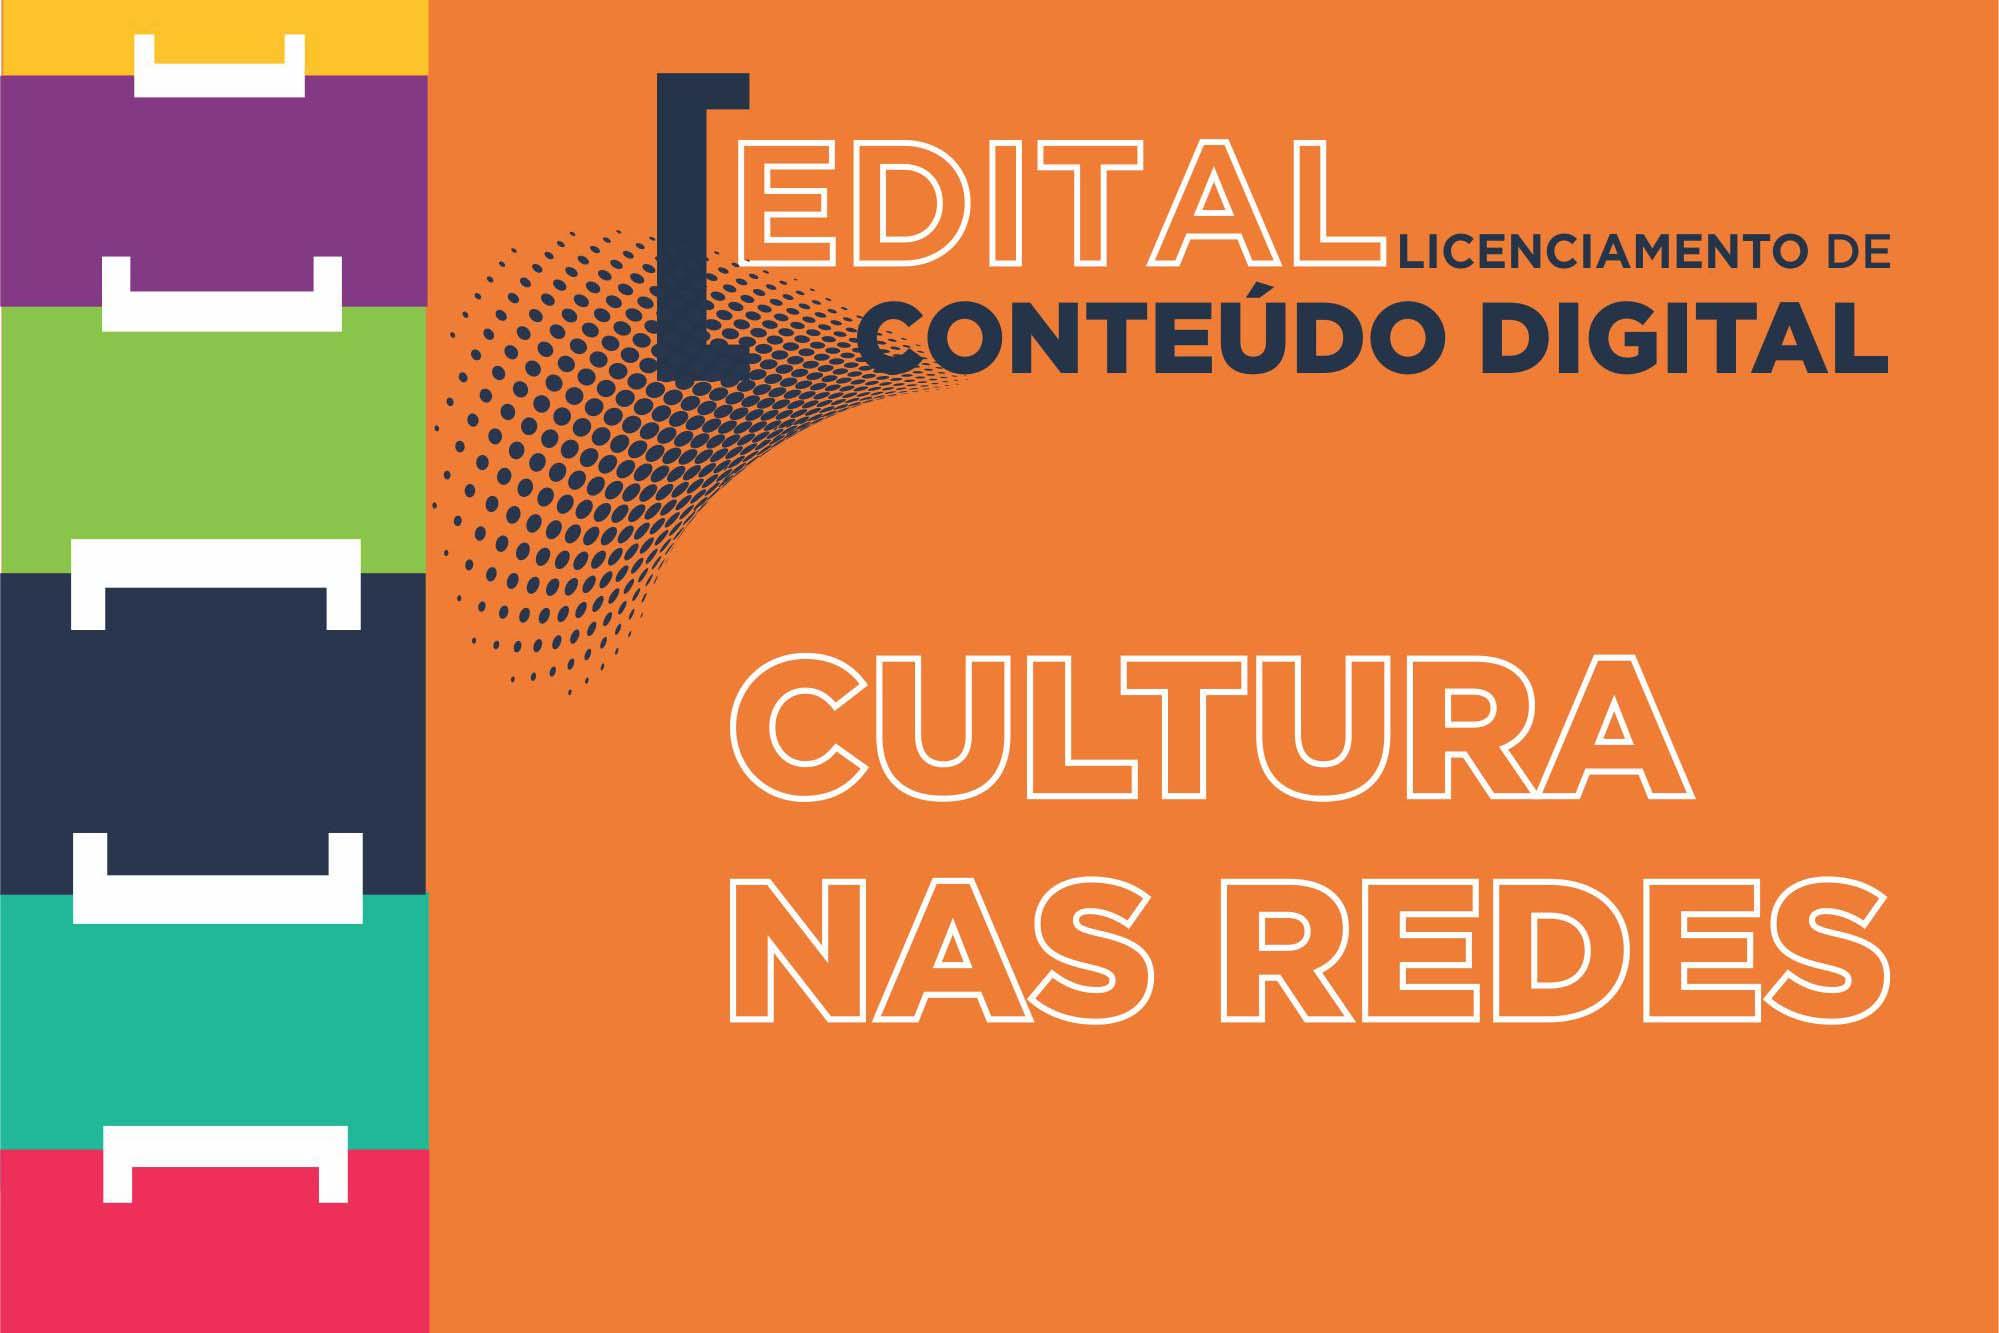 Governo lança edital de conteúdo digital e obra literária